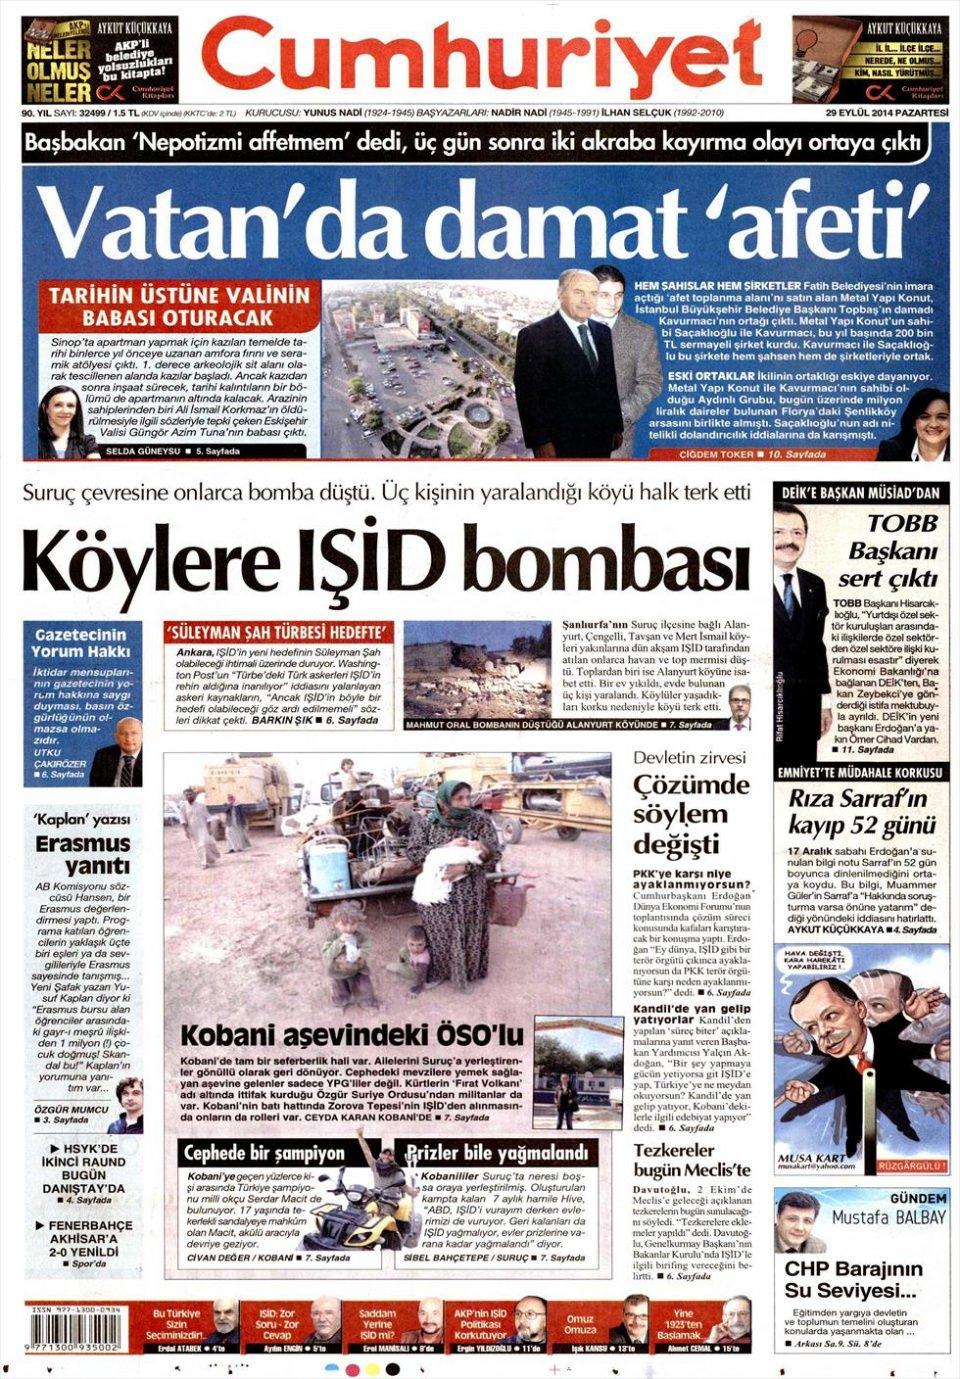 29 Eylül 2014 gazete manşetleri 5